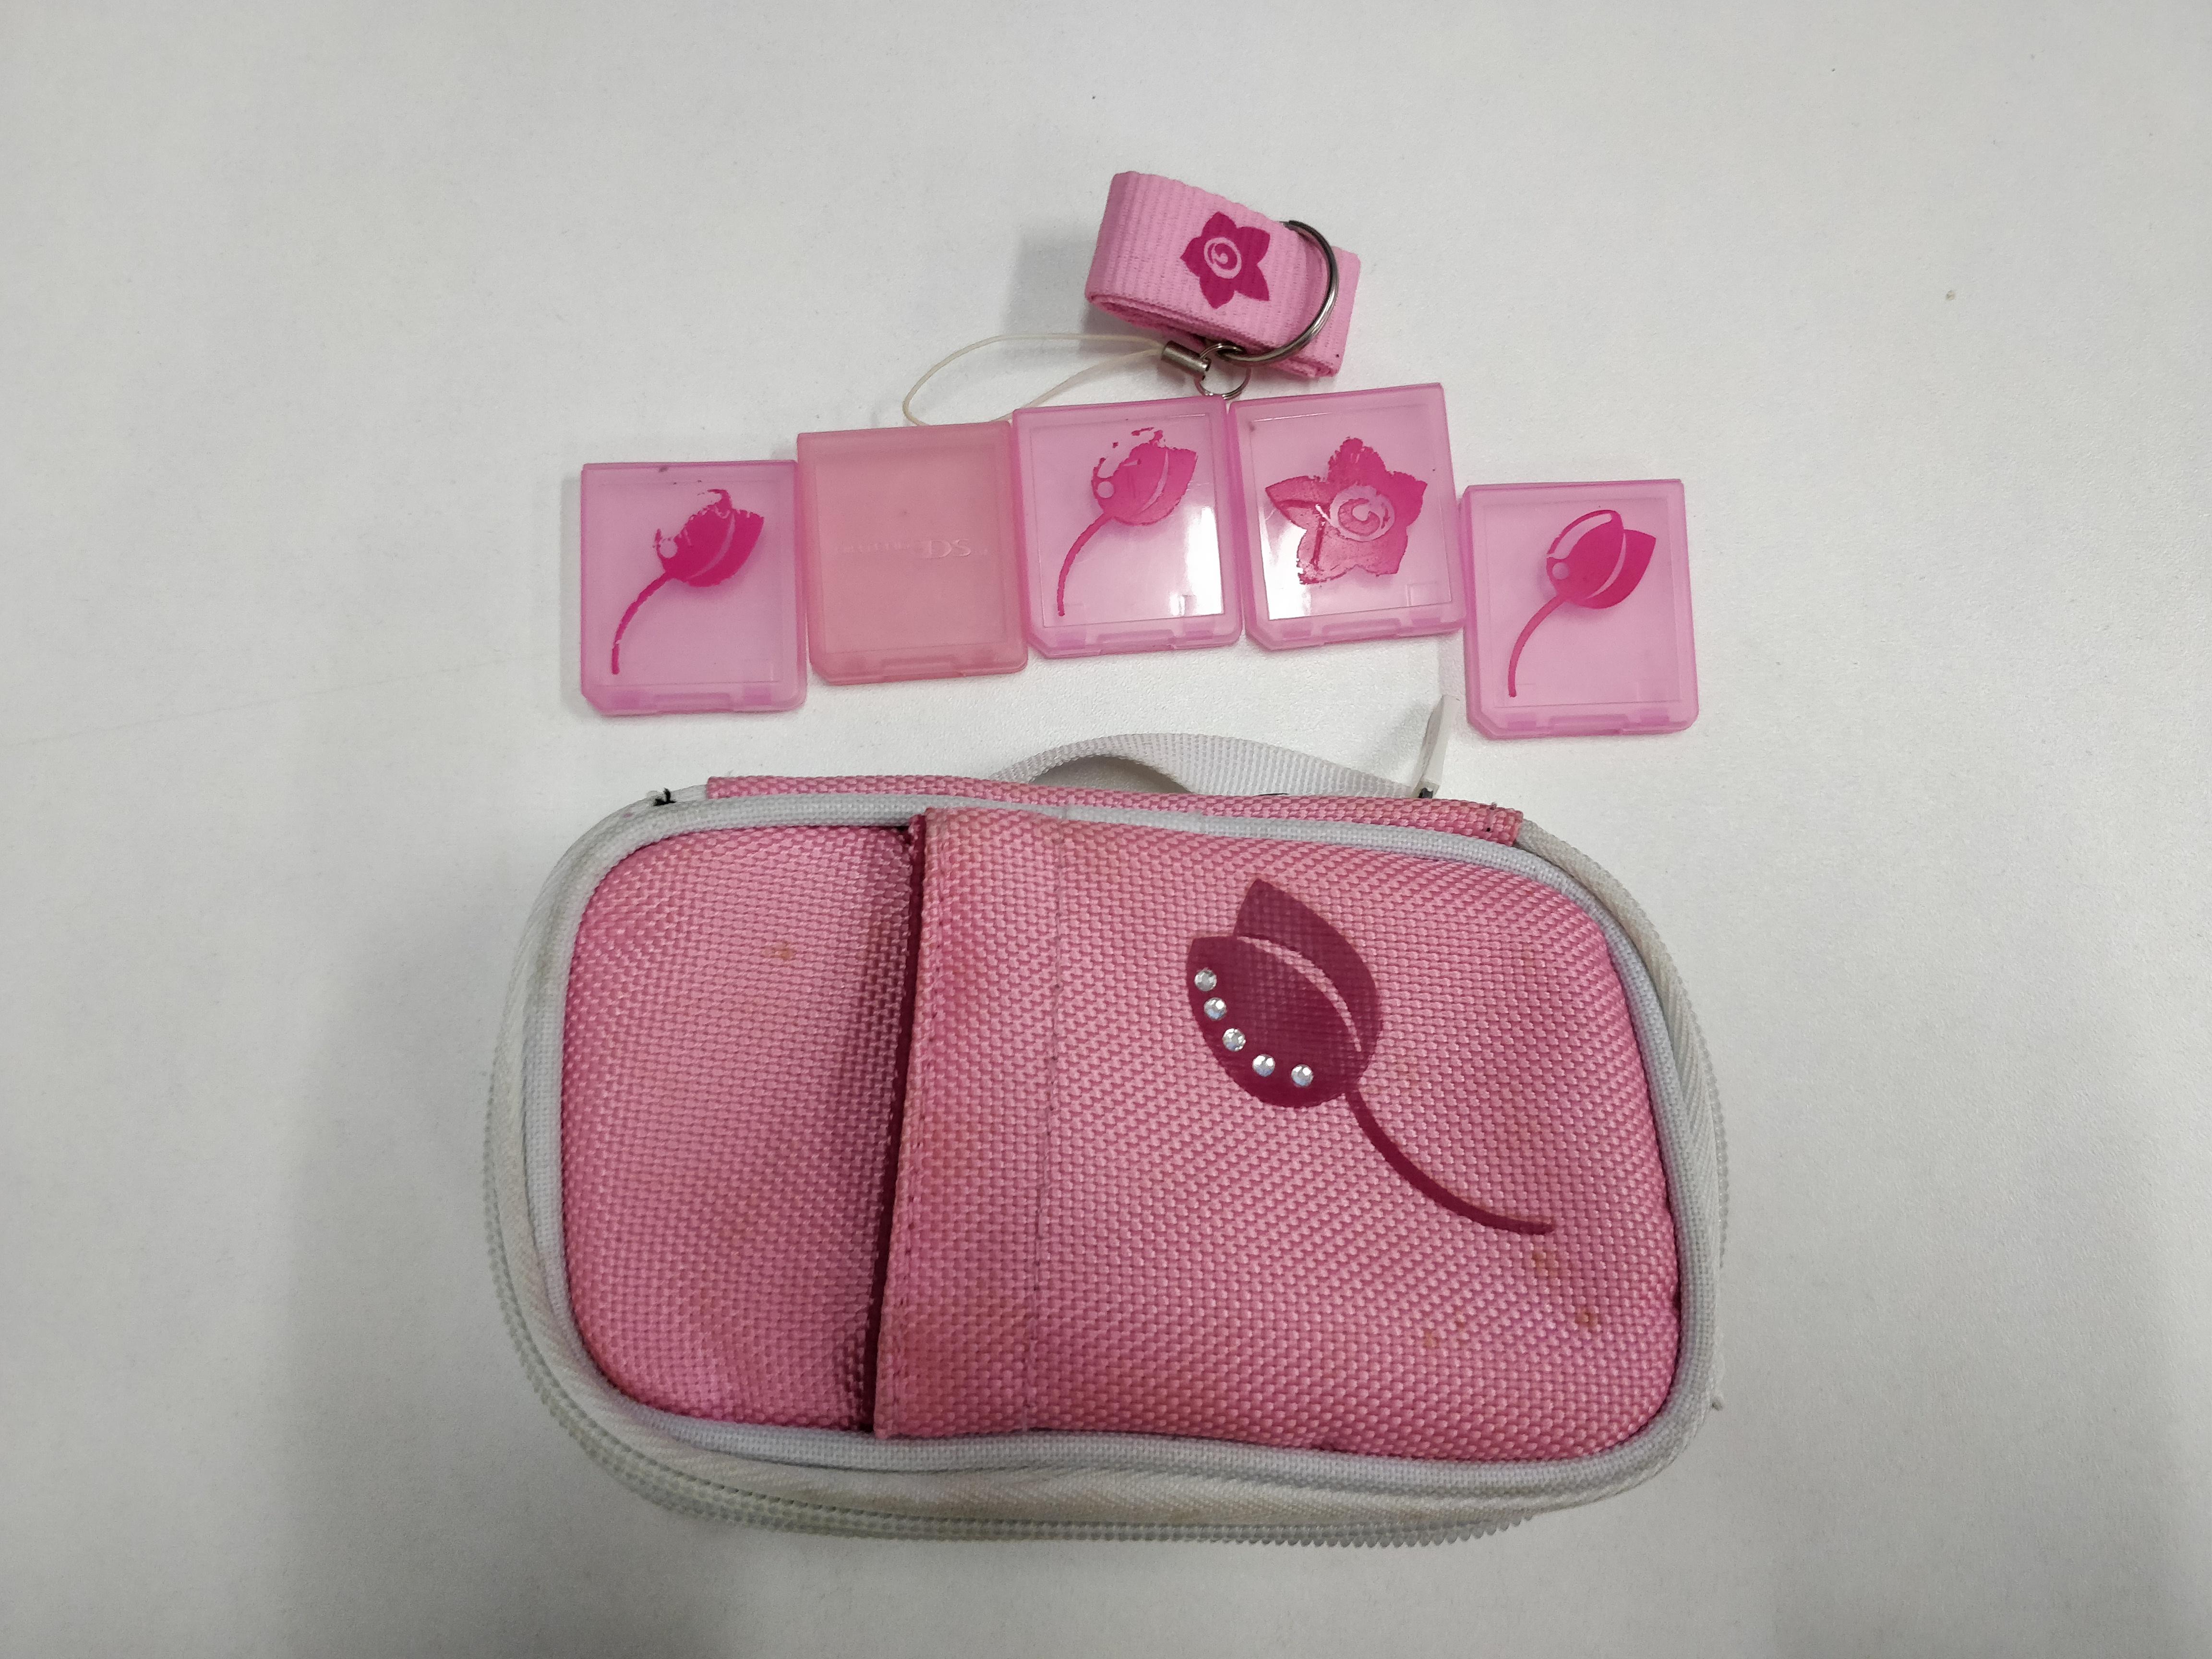 [Nintendo DS| DS Lite] Brašna Bigben - růžová (estetické vady)